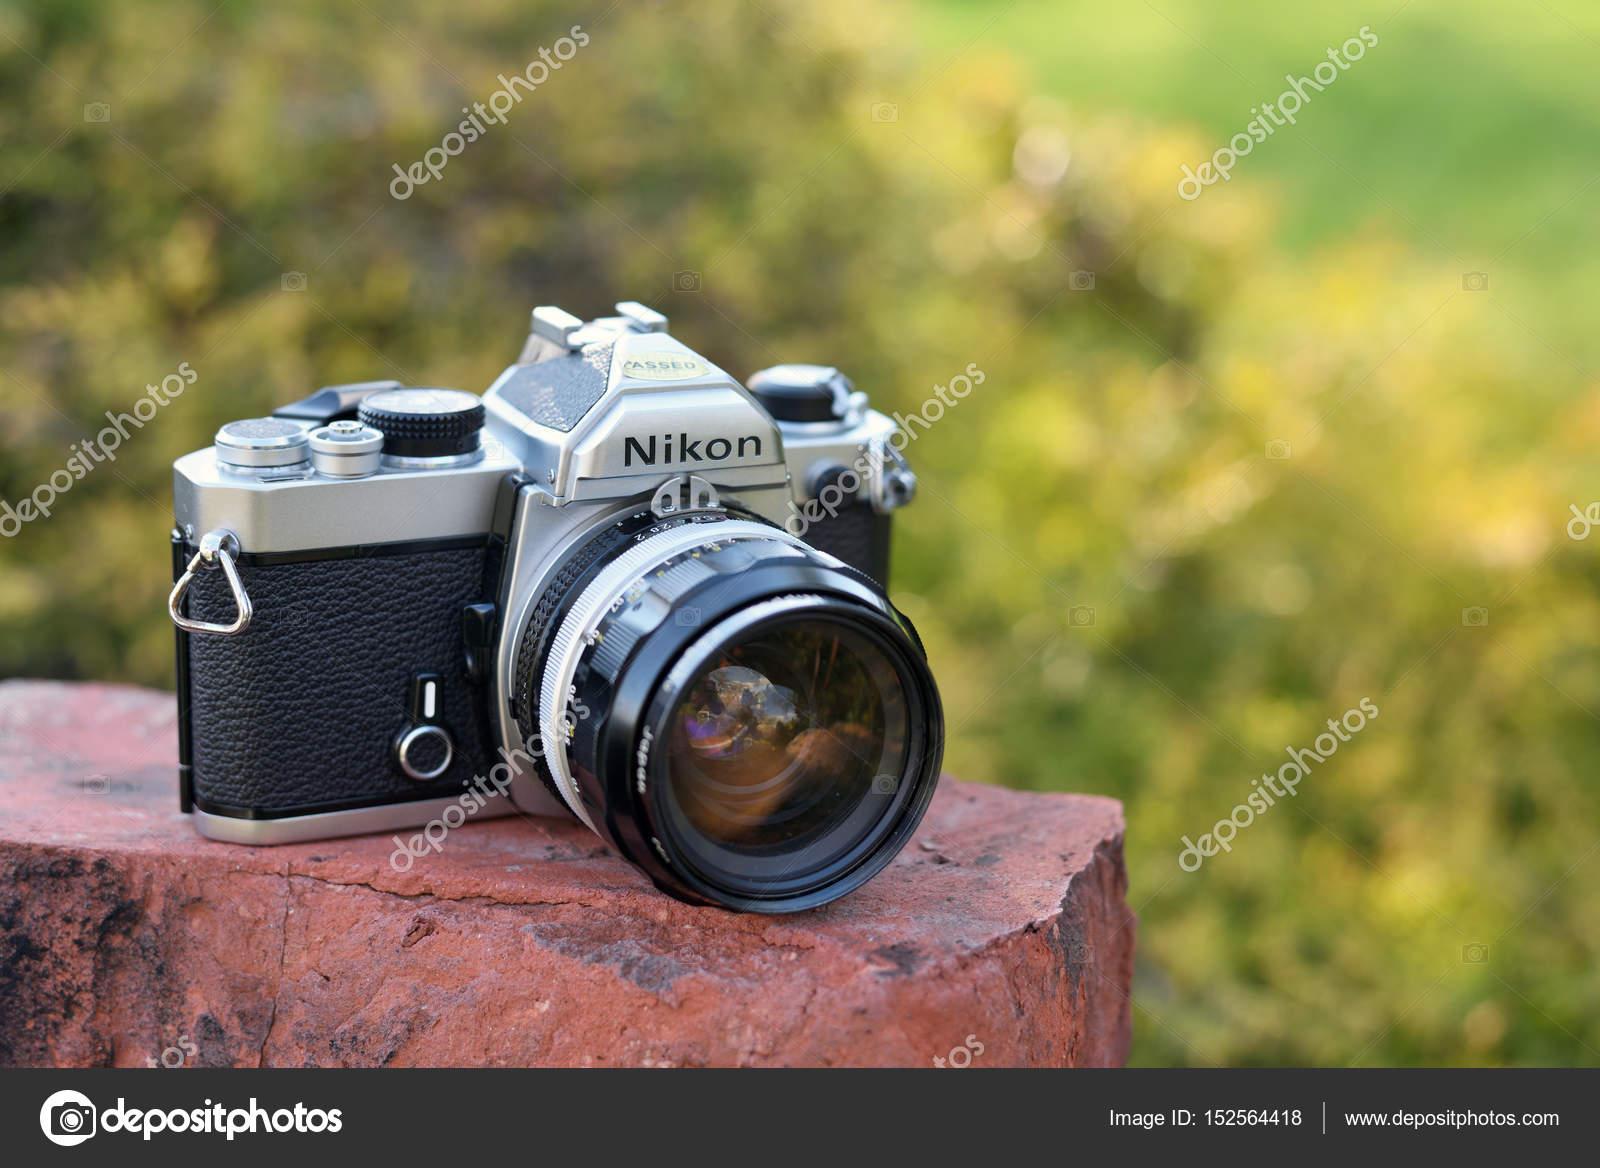 ニコン ビンテージ フィルム カメラ ストック編集用写真 fla 152564418